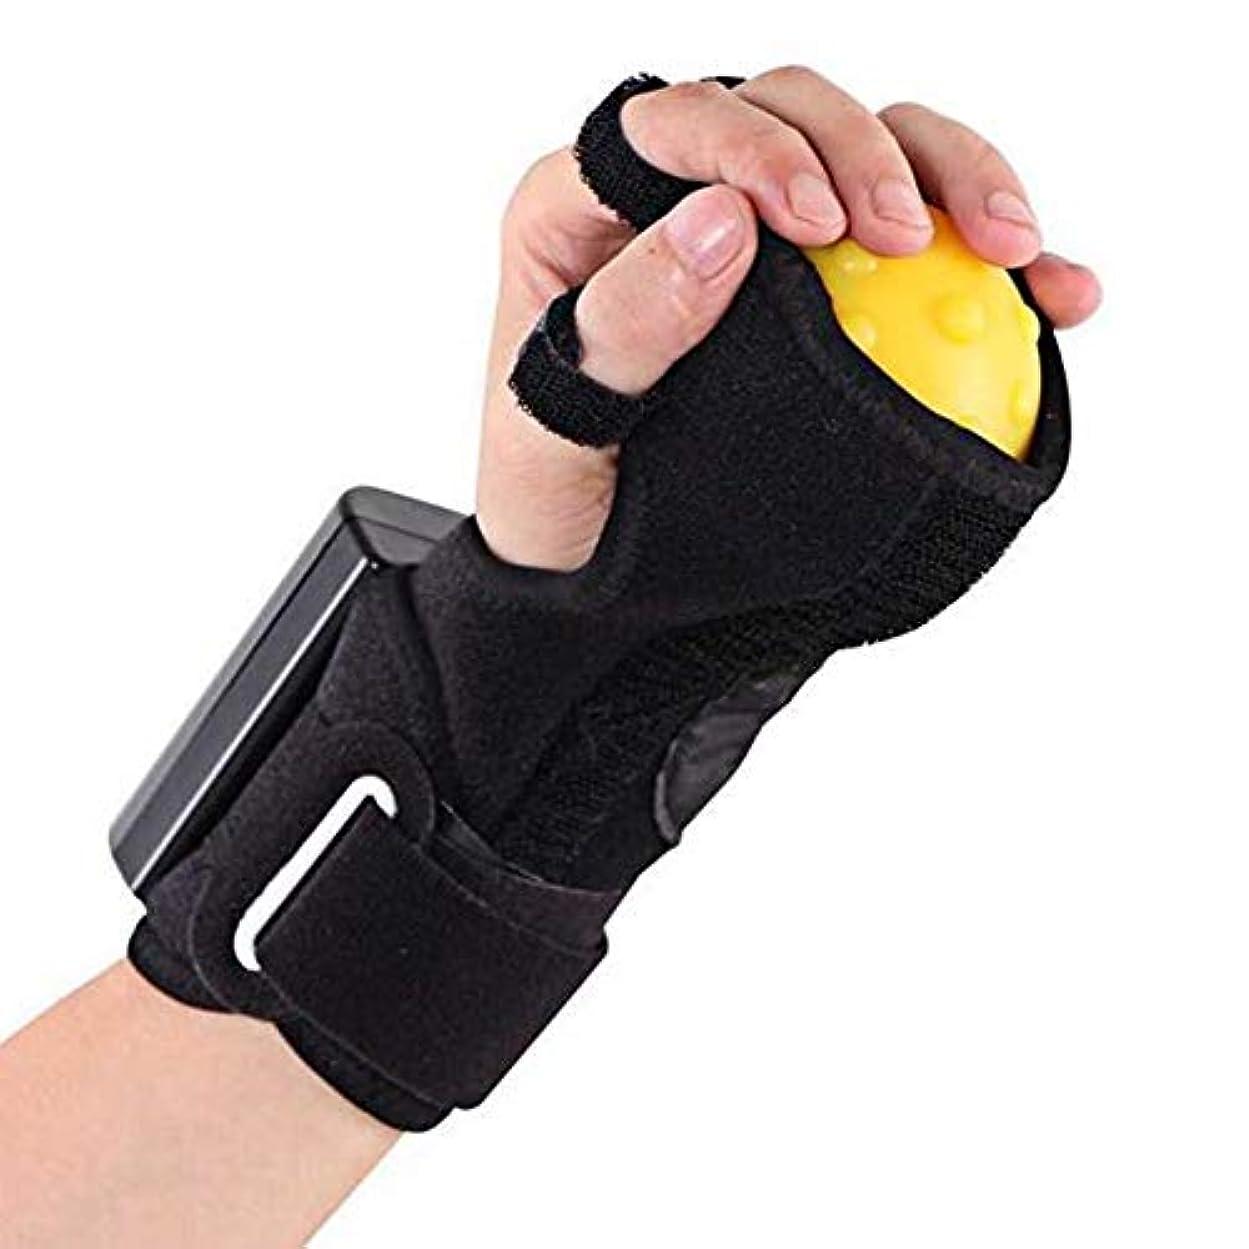 なしでエキサイティングベイビー電動ハンドマッサージボールホットコンプレッサーと抗痙攣ボール有料指圧装置スプリント片麻痺の指回復マッサージ療法